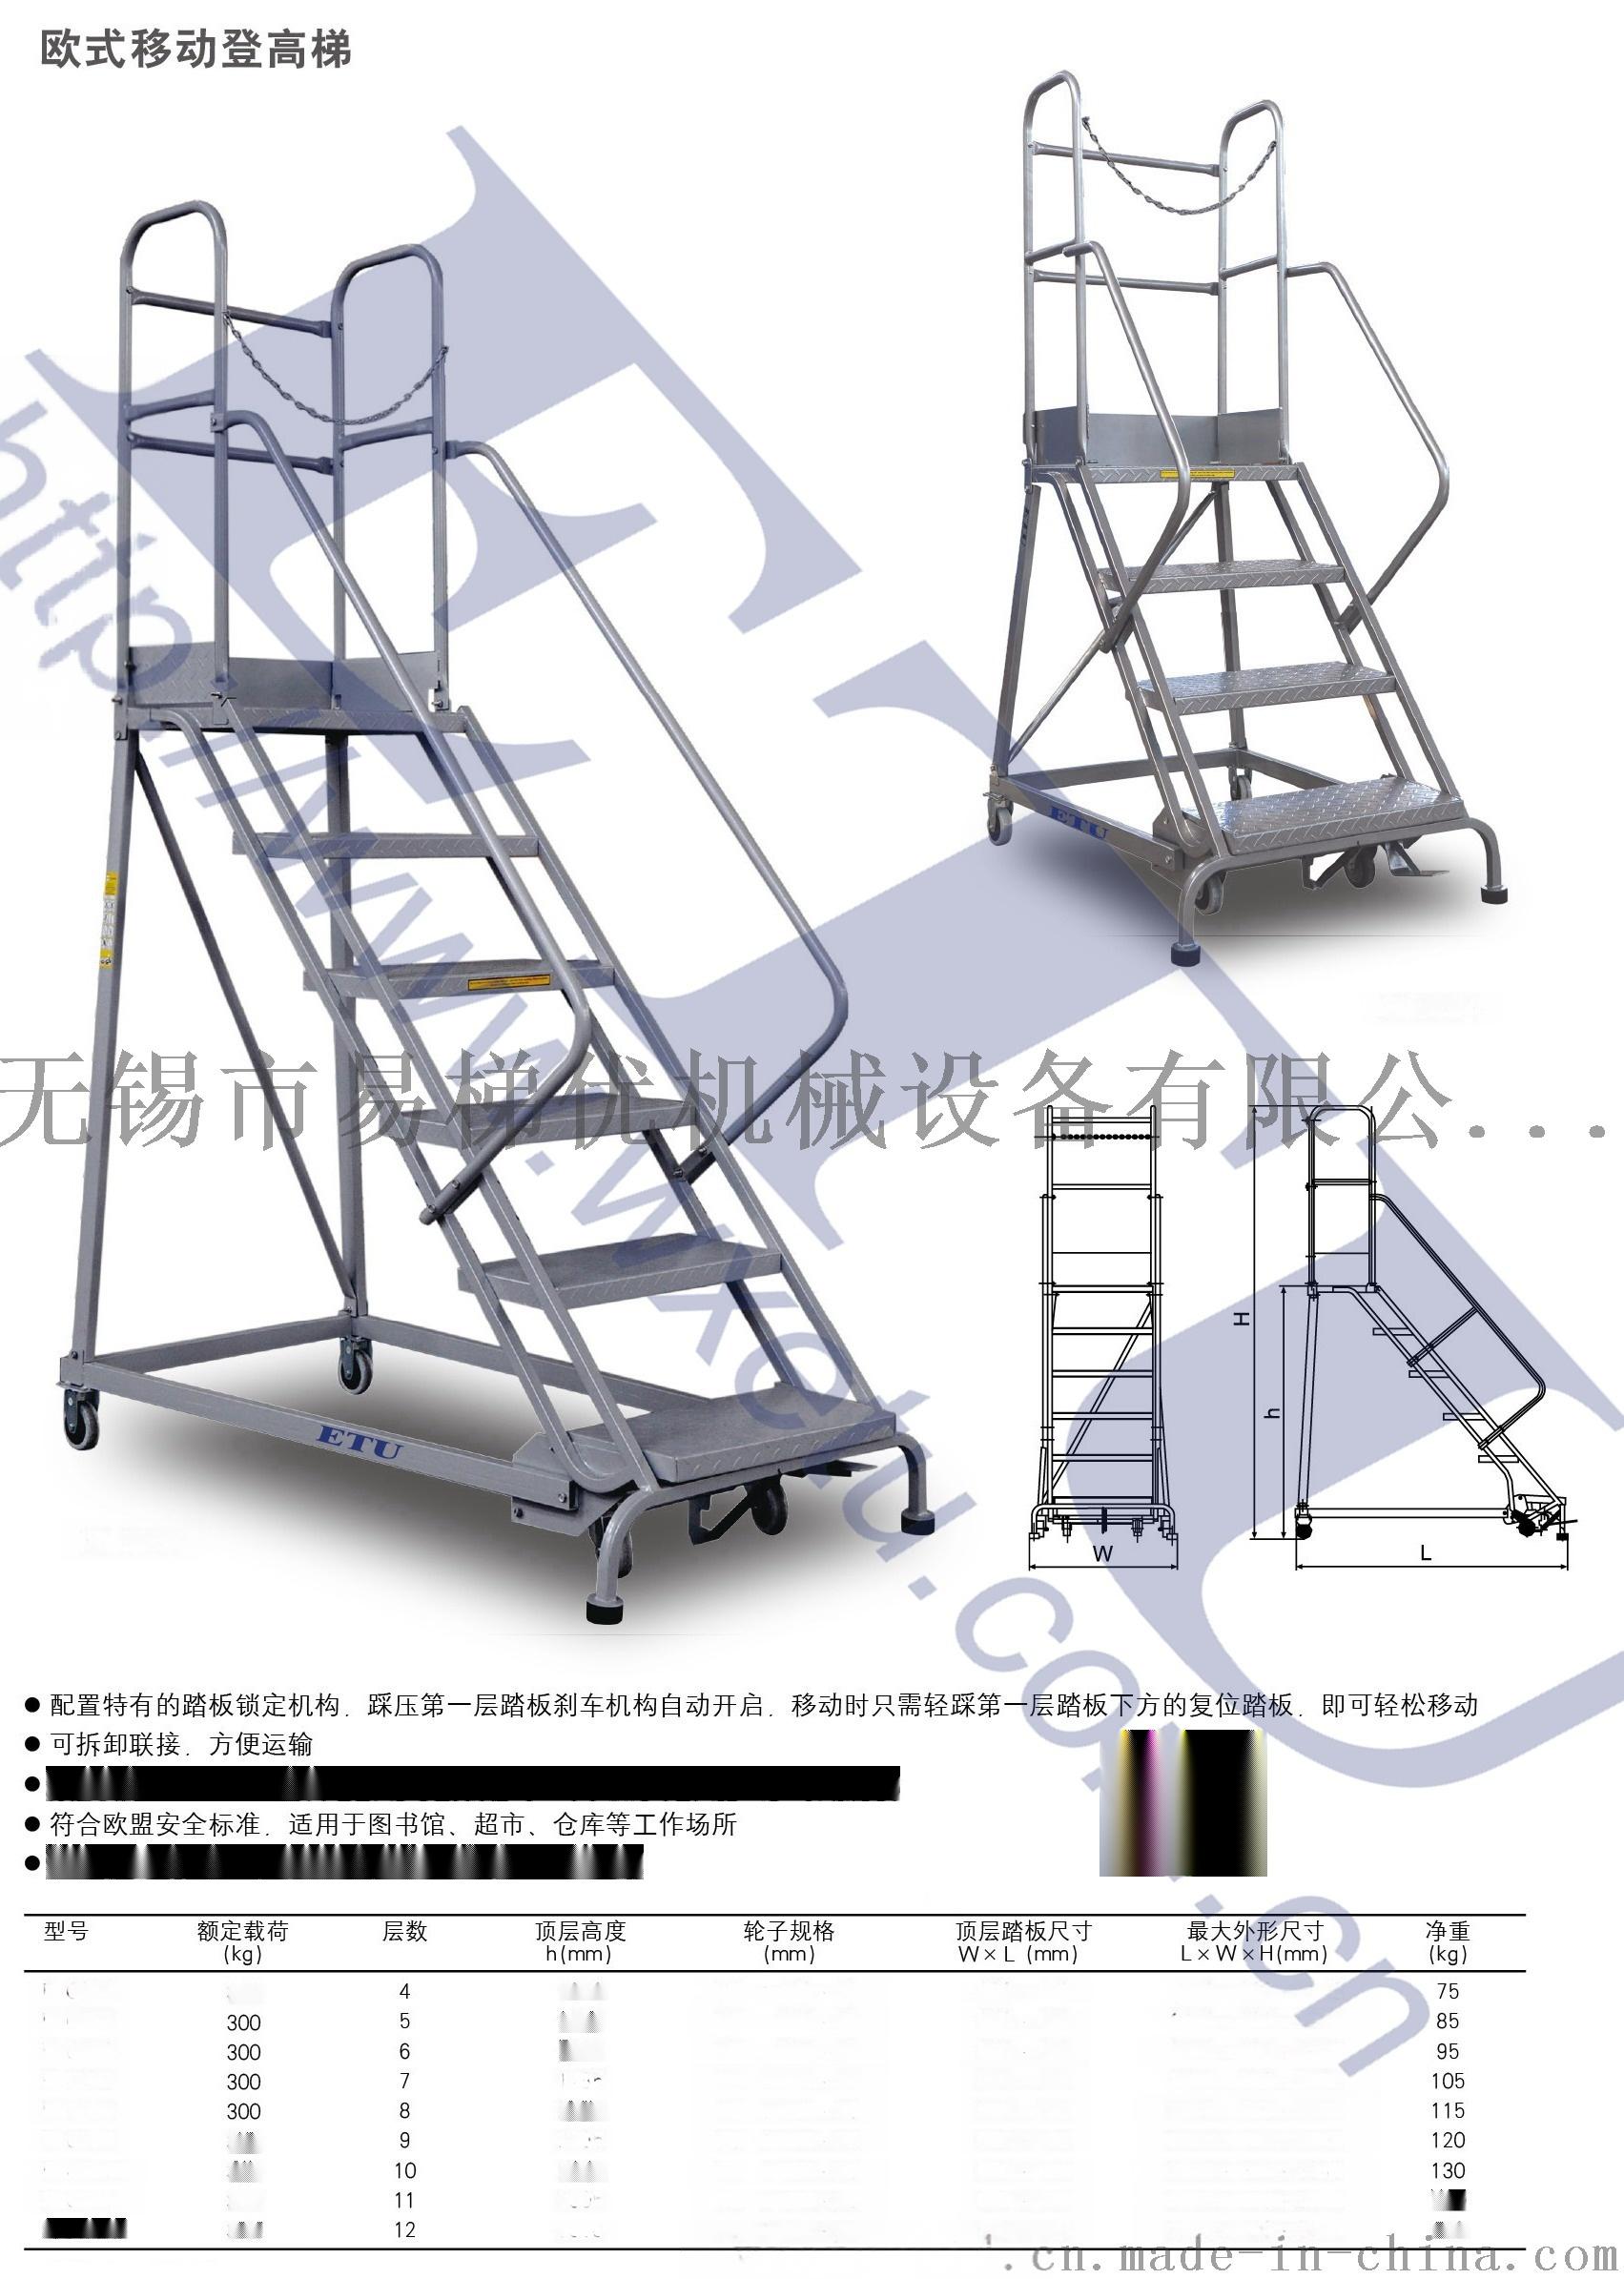 ETU易梯优|欧式移动梯|带安全链条 自锁刹车70558235